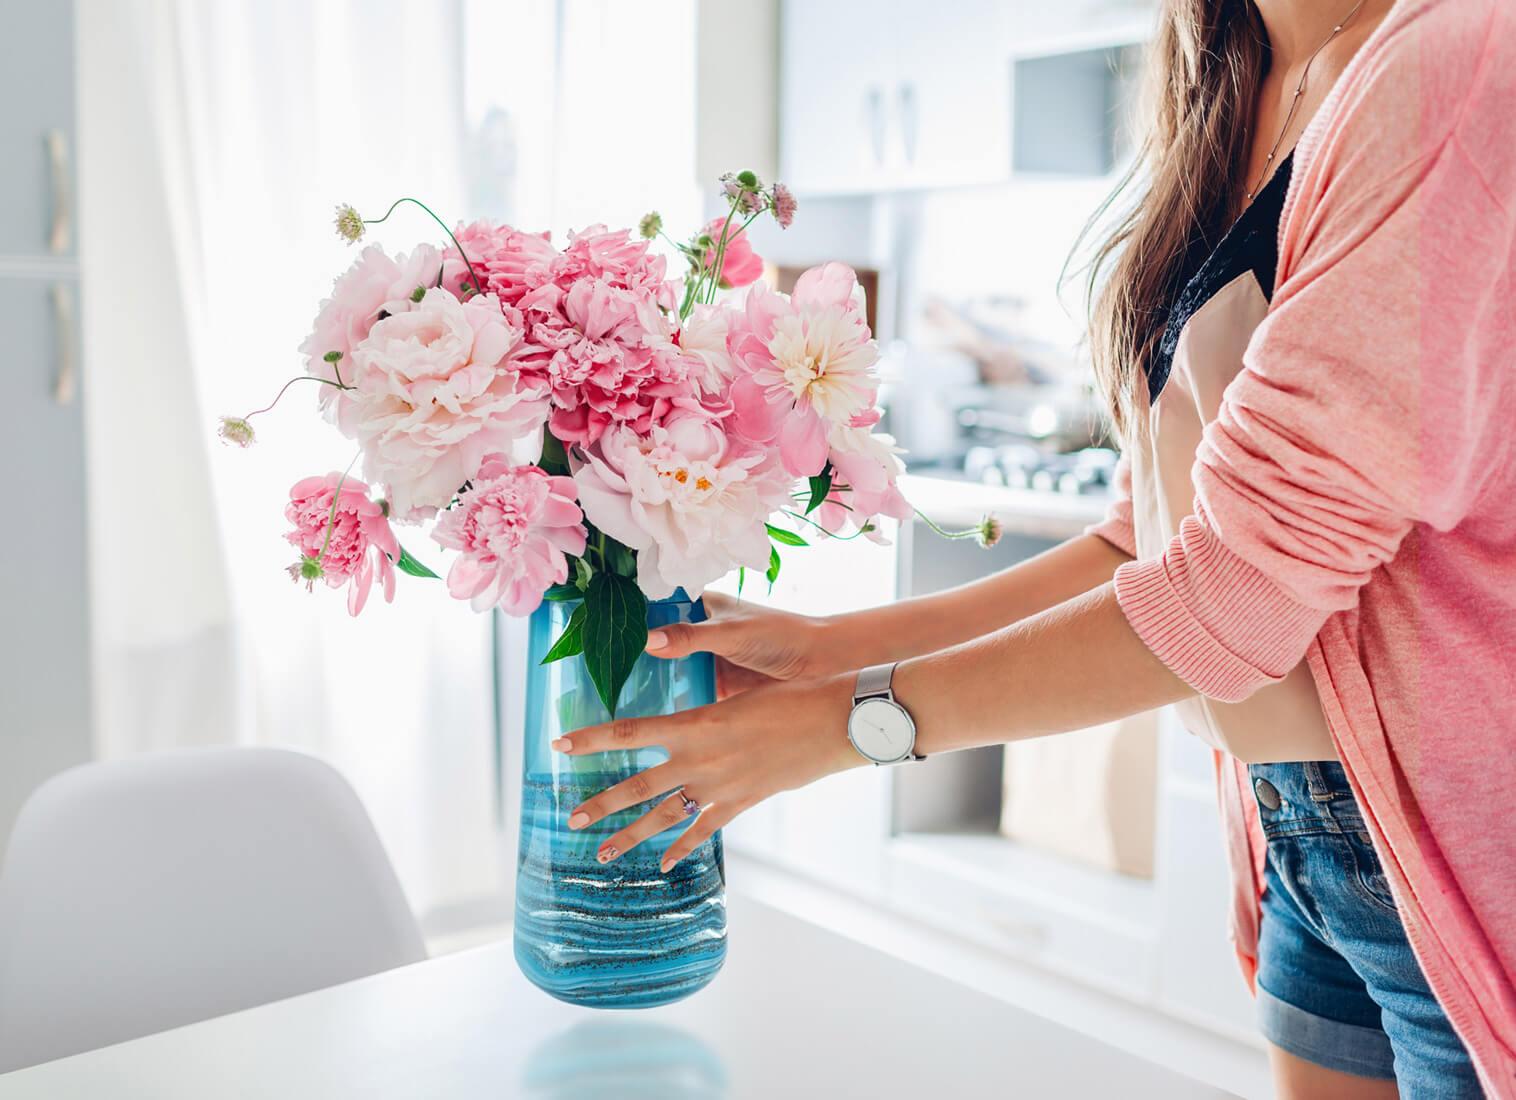 Co włożyć do wazonu?